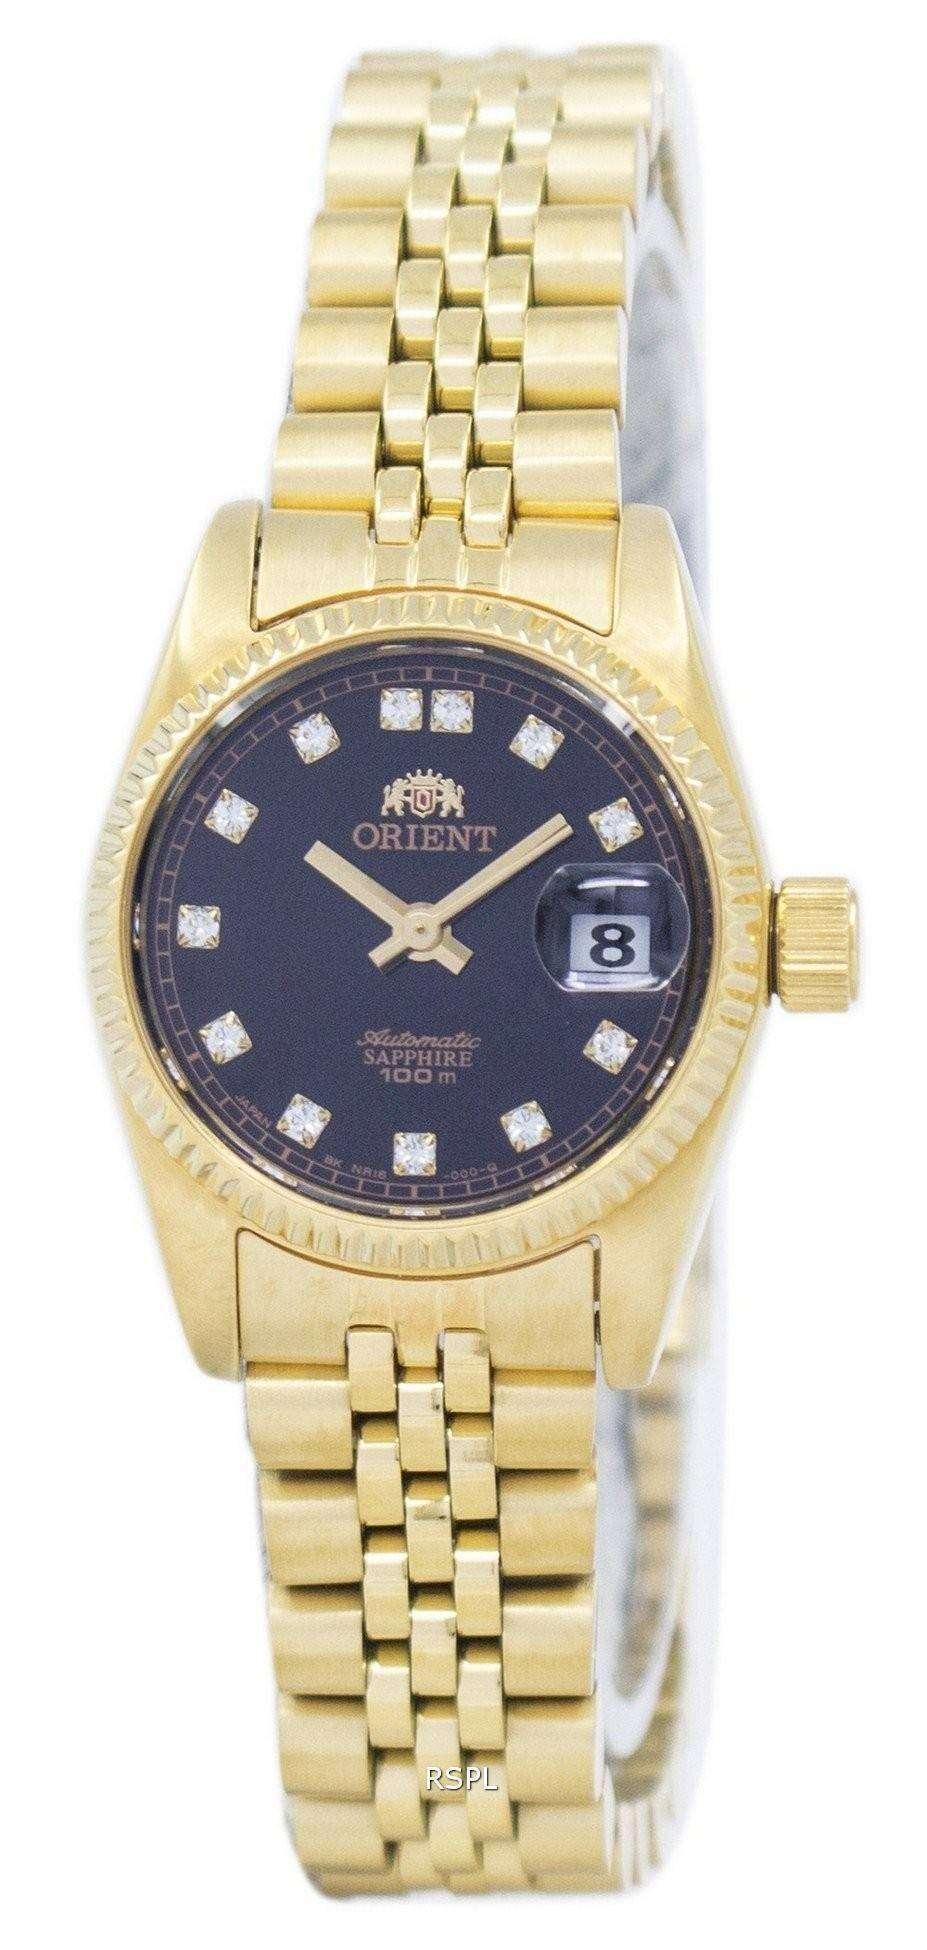 ダイヤモンド アクセント SNR16001B レディース腕時計 orient 自動日本